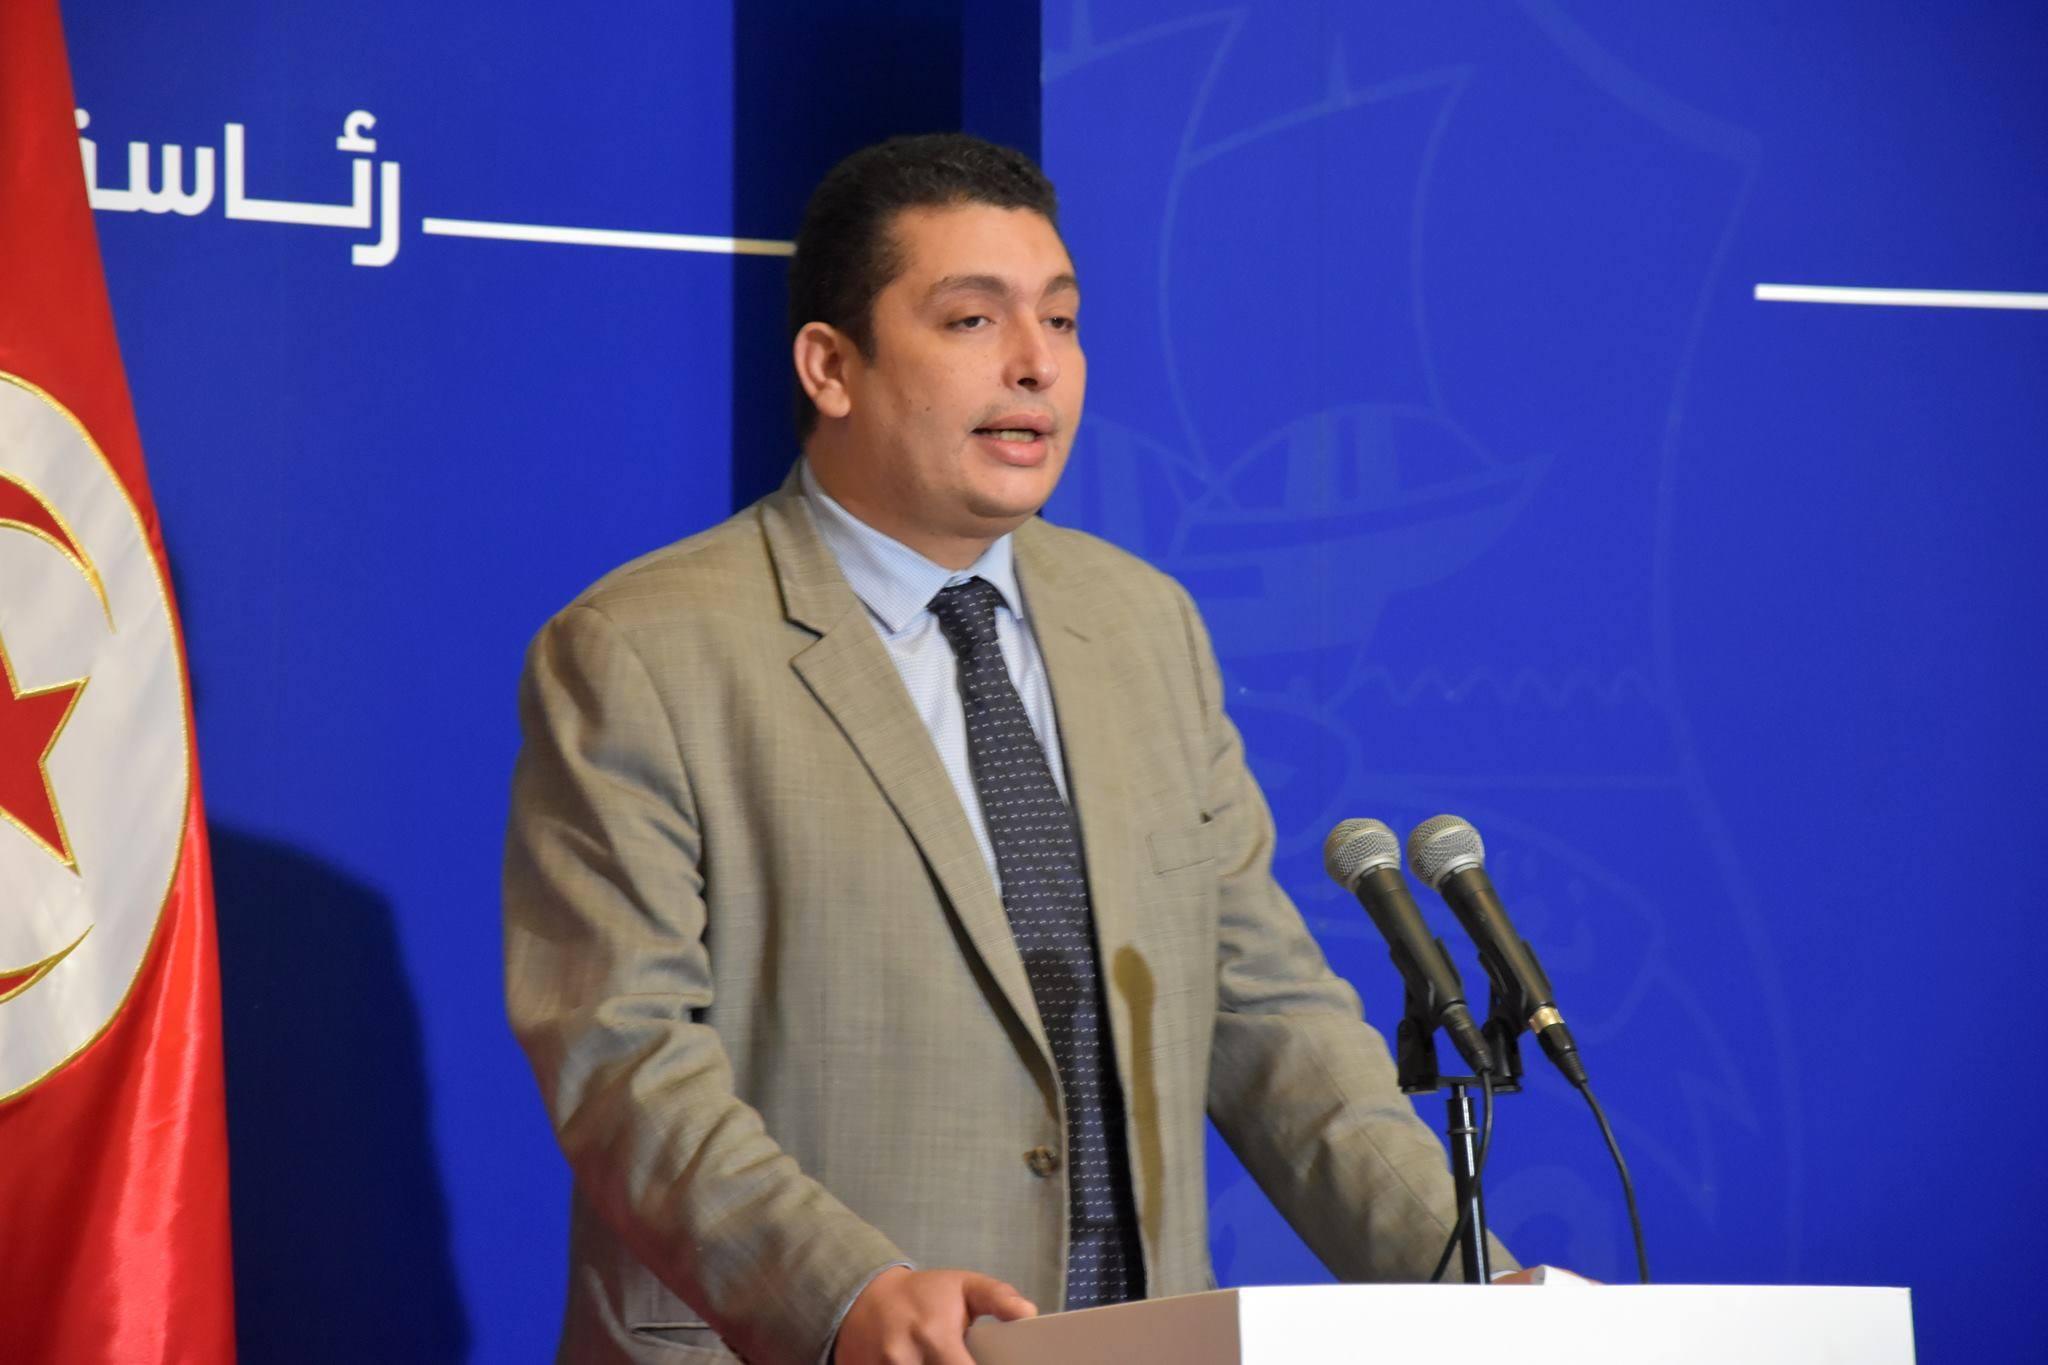 عاجل/ندوة صحفية برئاسة الحكومة بالقصبة هذا المساء